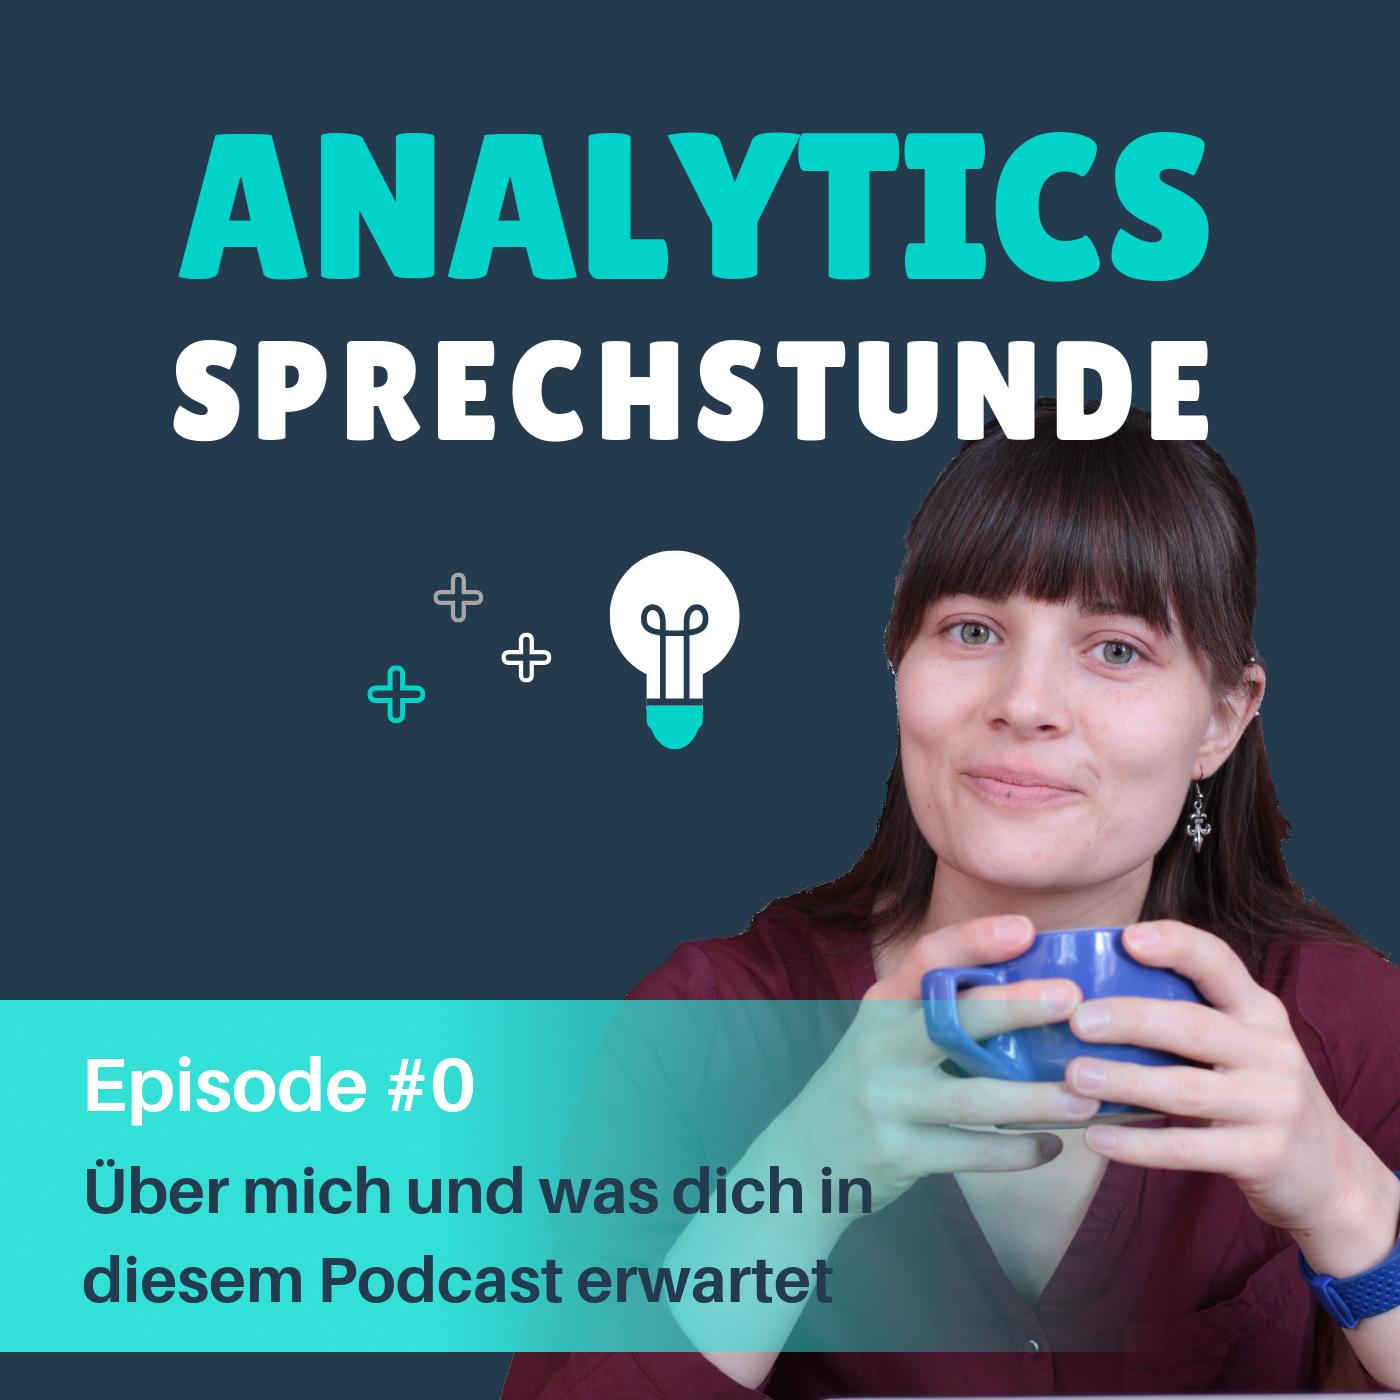 Podcast Episode 0 Über mich und was dich in diesem Podcast erwartet